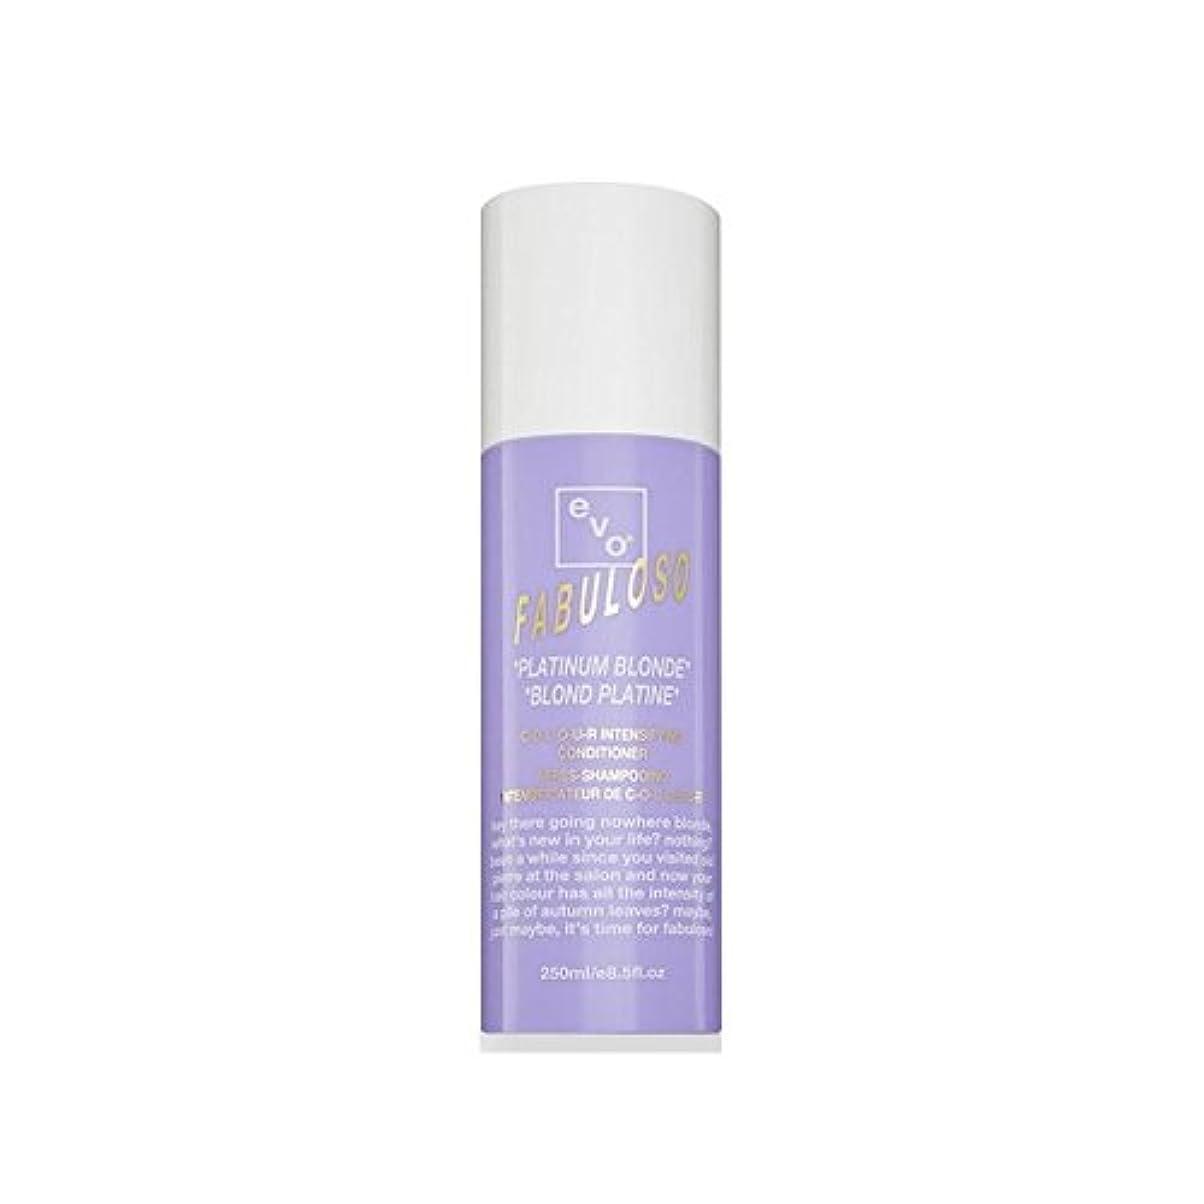 副産物ゾーン聖なる色増コンディショナープラチナブロンド(250ミリリットル) x4 - Evo Fabuloso Colour Intensifying Conditioner Platinum Blonde (250ml) (Pack...